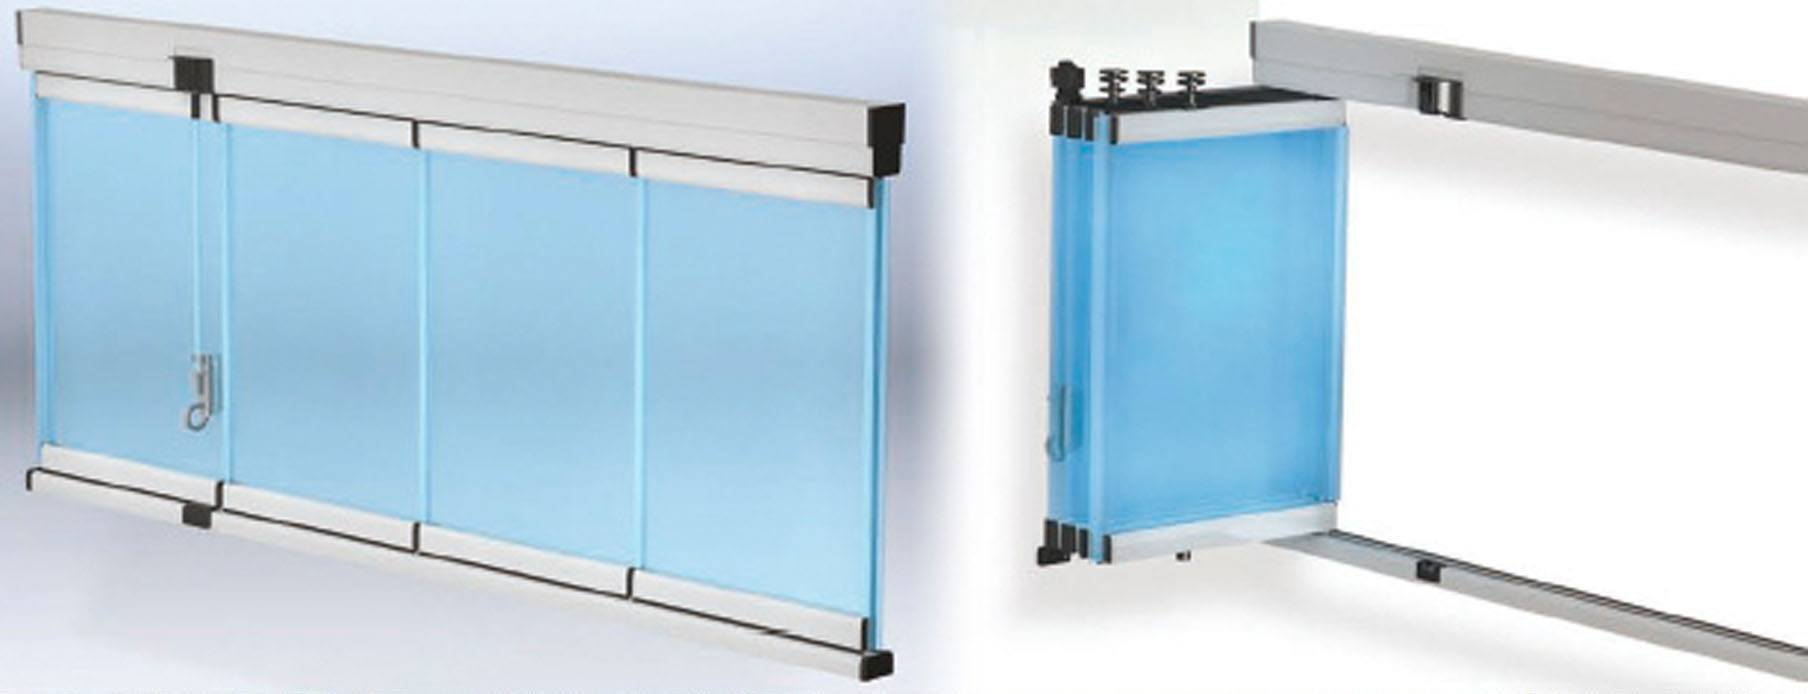 Cerramientos exteriores for Cerramientos en aluminio y vidrio